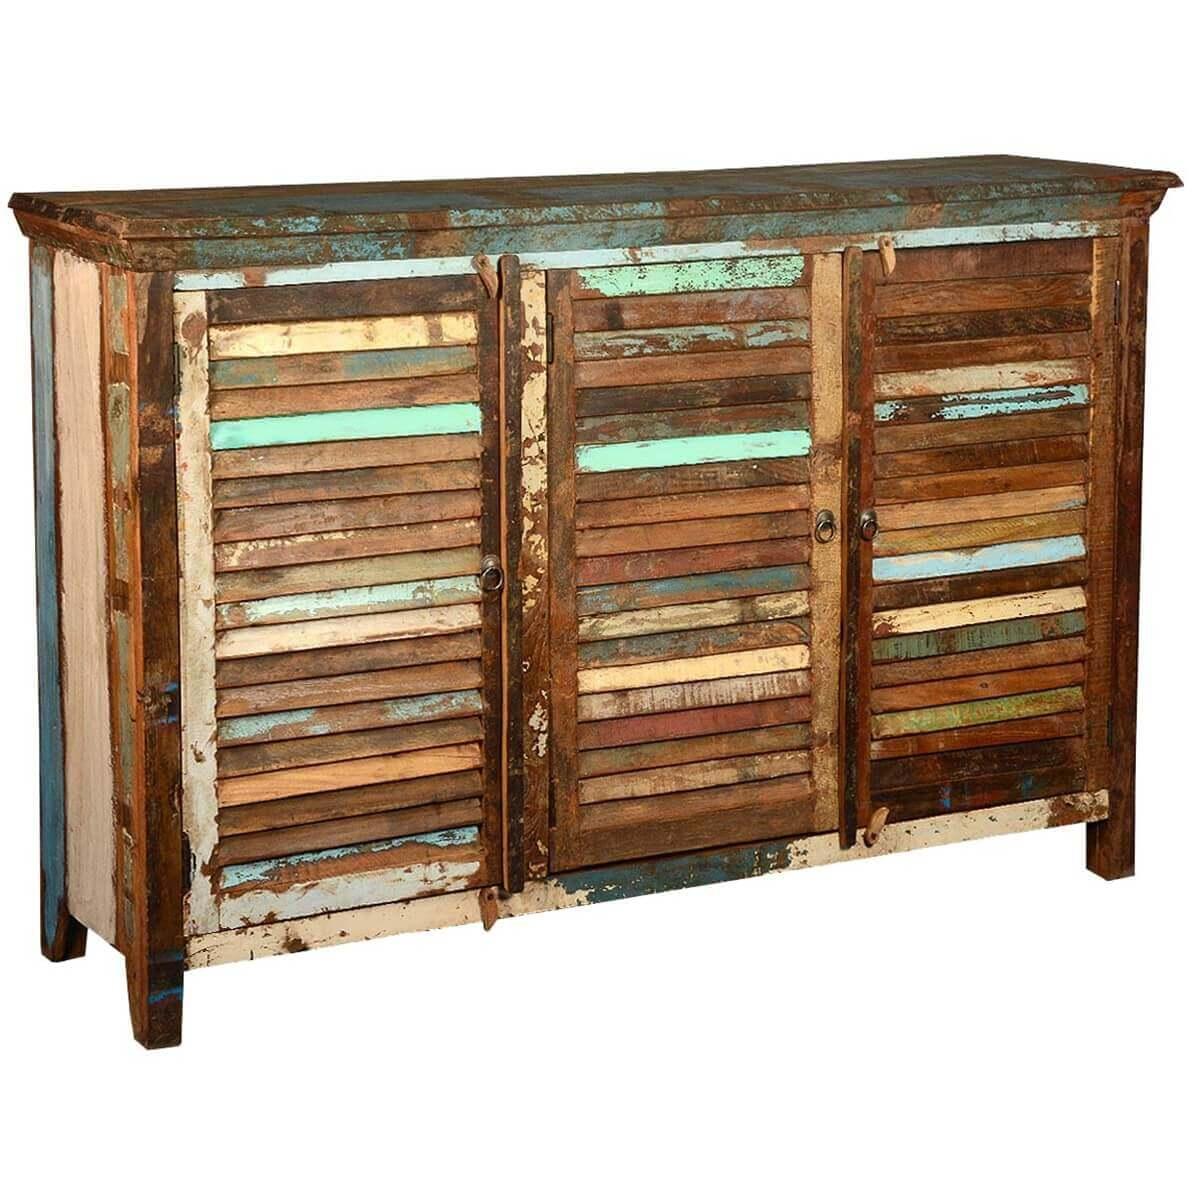 Stockton rustic reclaimed wood shutter door large buffet